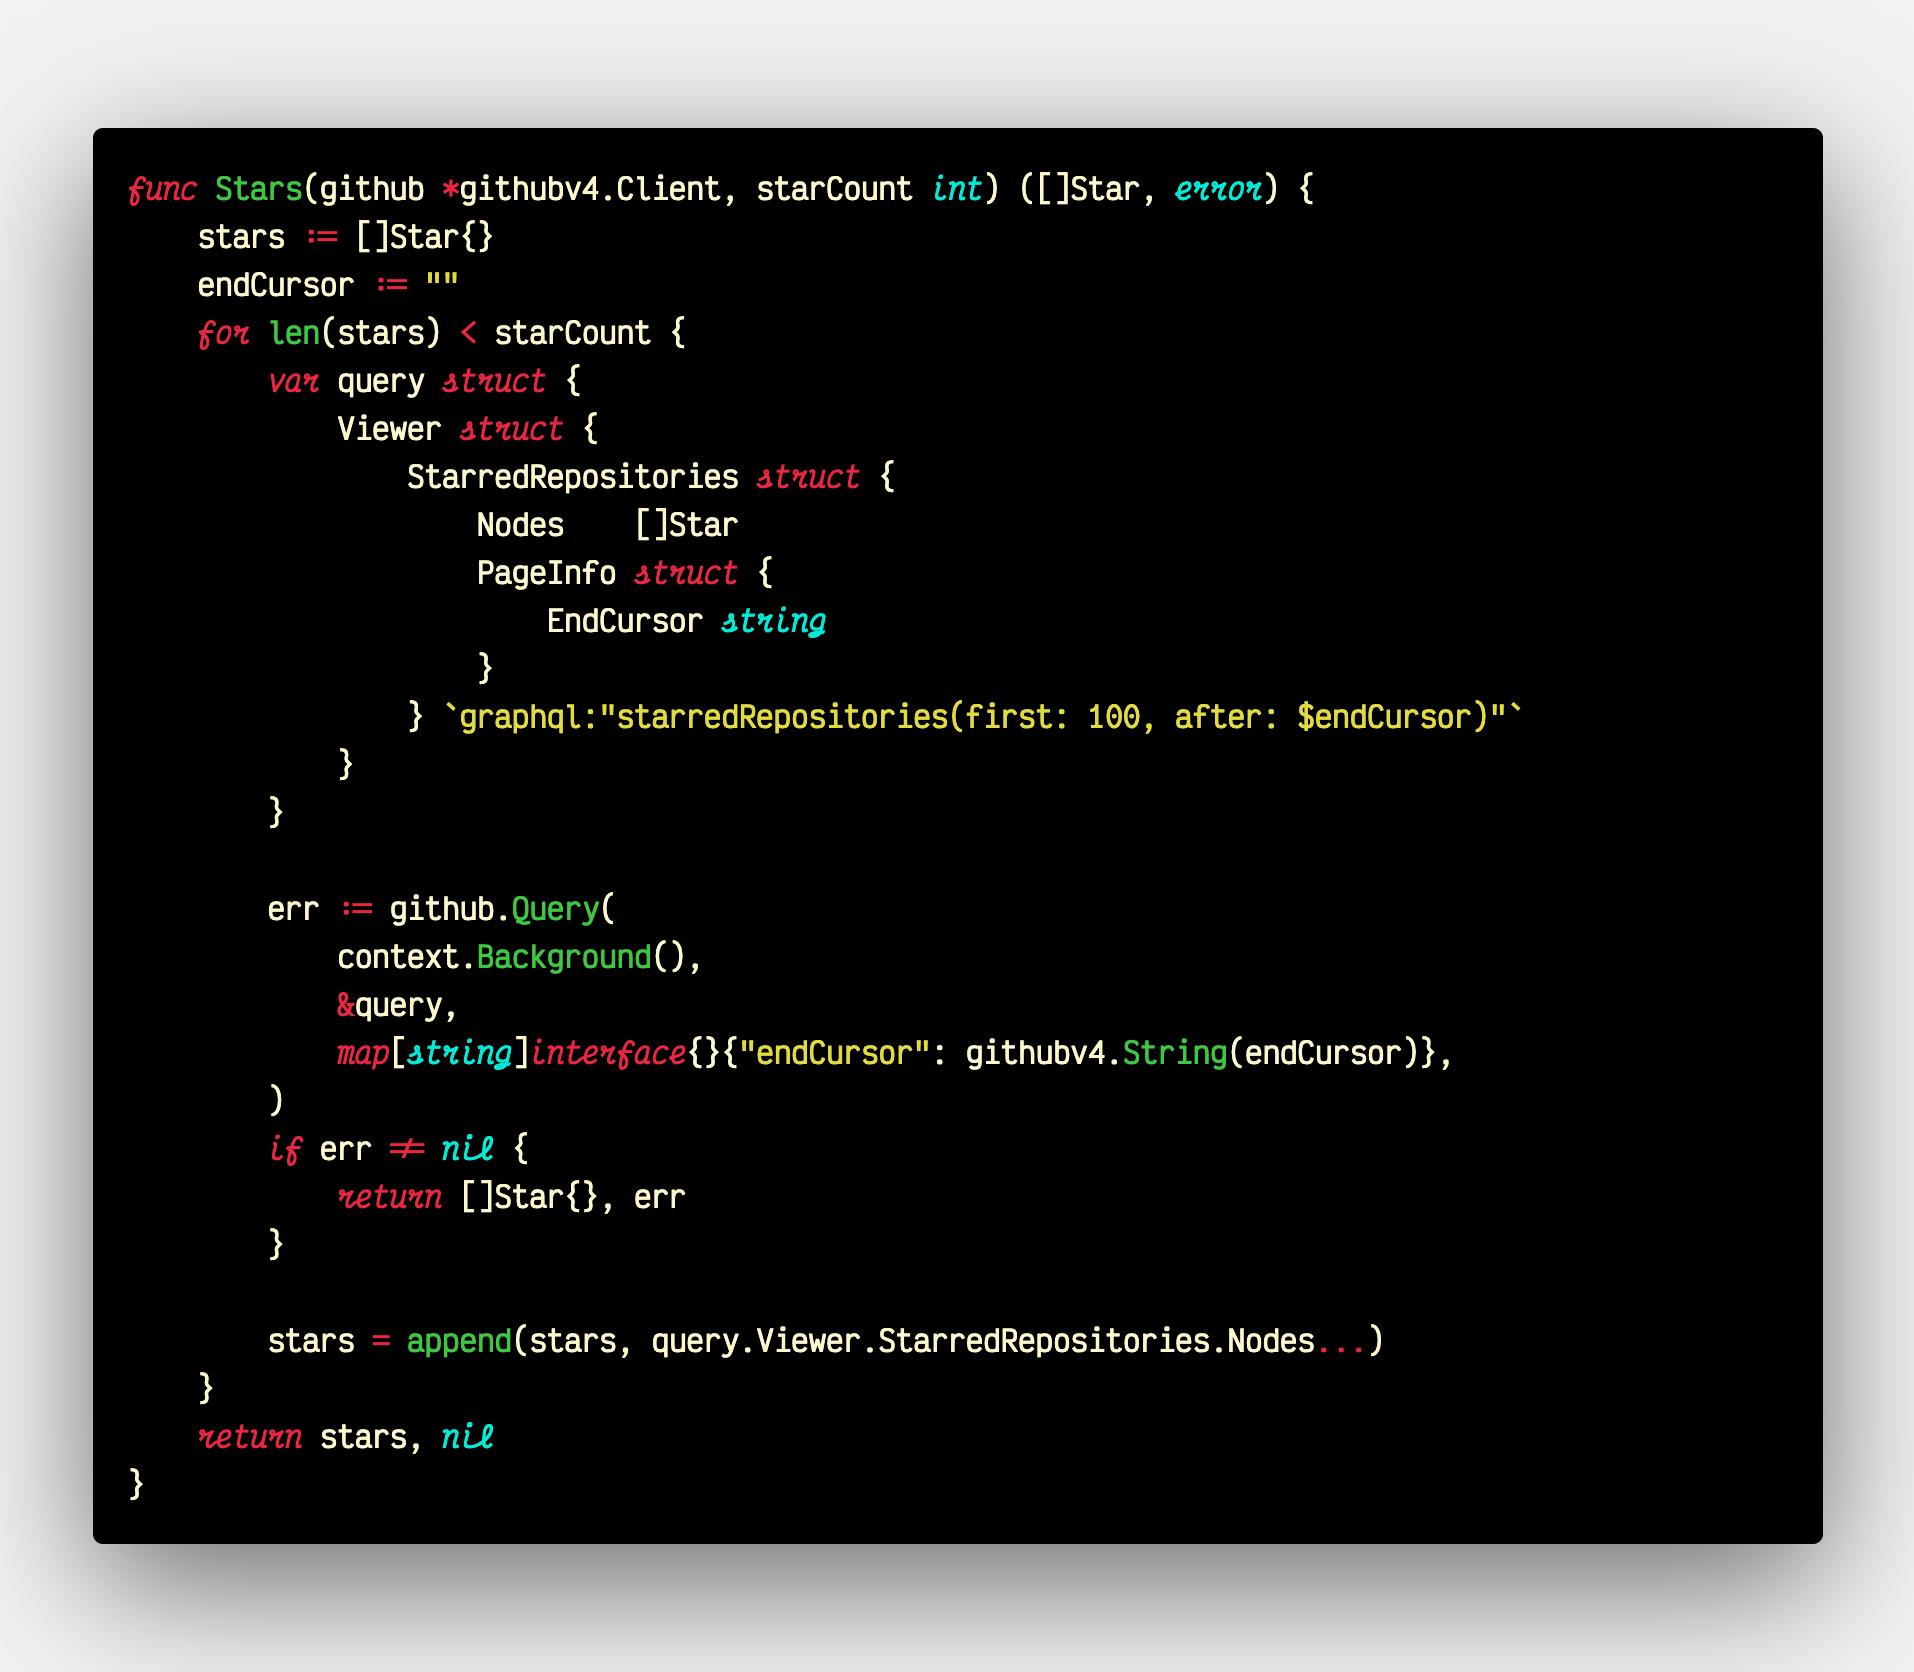 https://cloud-p26wc297w-hack-club-bot.vercel.app/0code.png